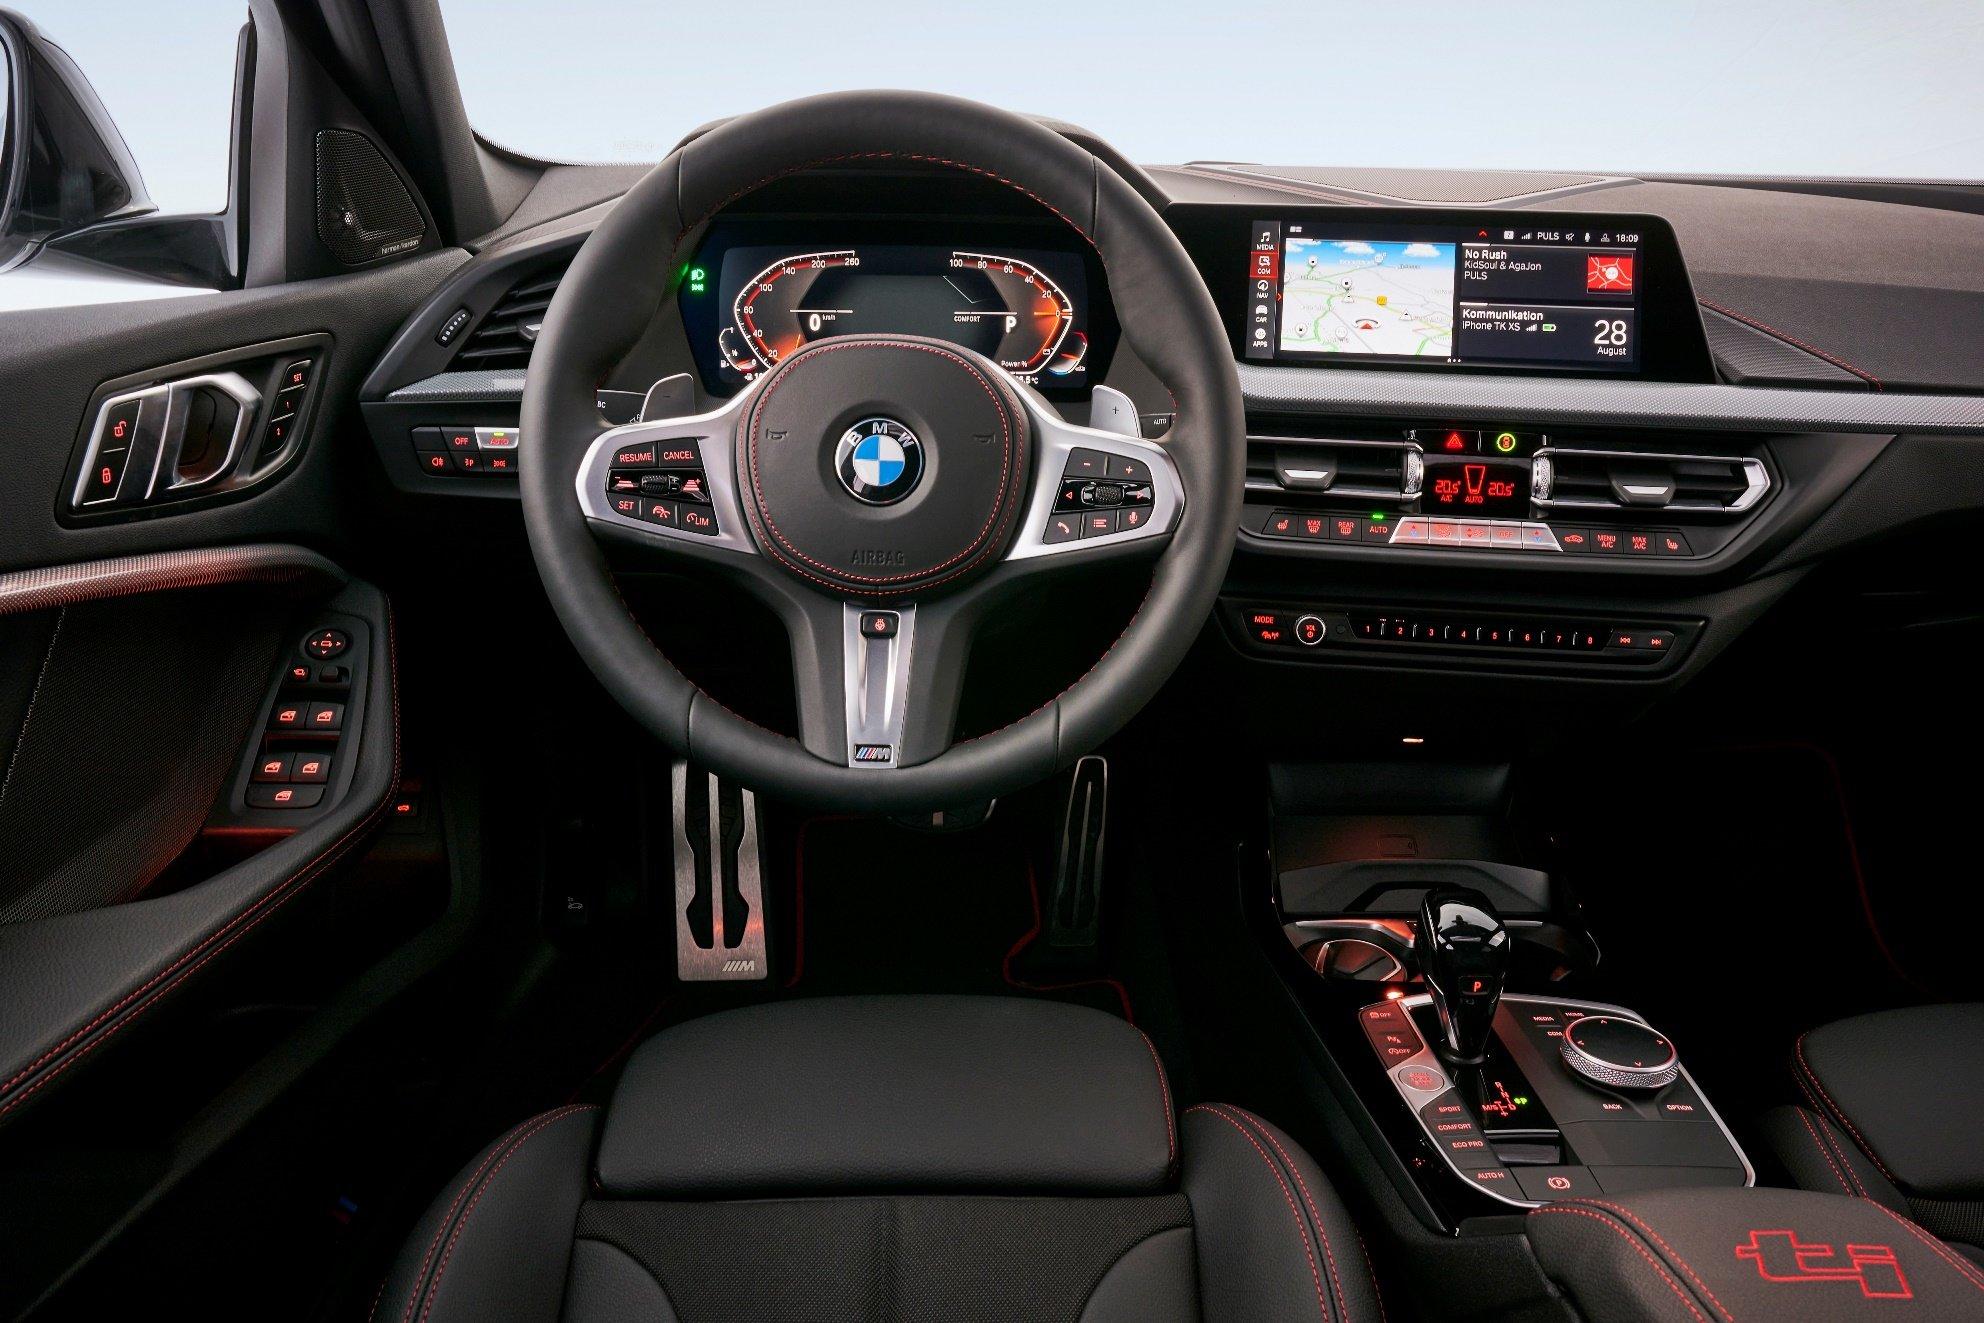 """Nové BMW 128ti. """"ti"""" znamená """"Tourismo Internazionale"""" a značí výrazně sportovní modely"""